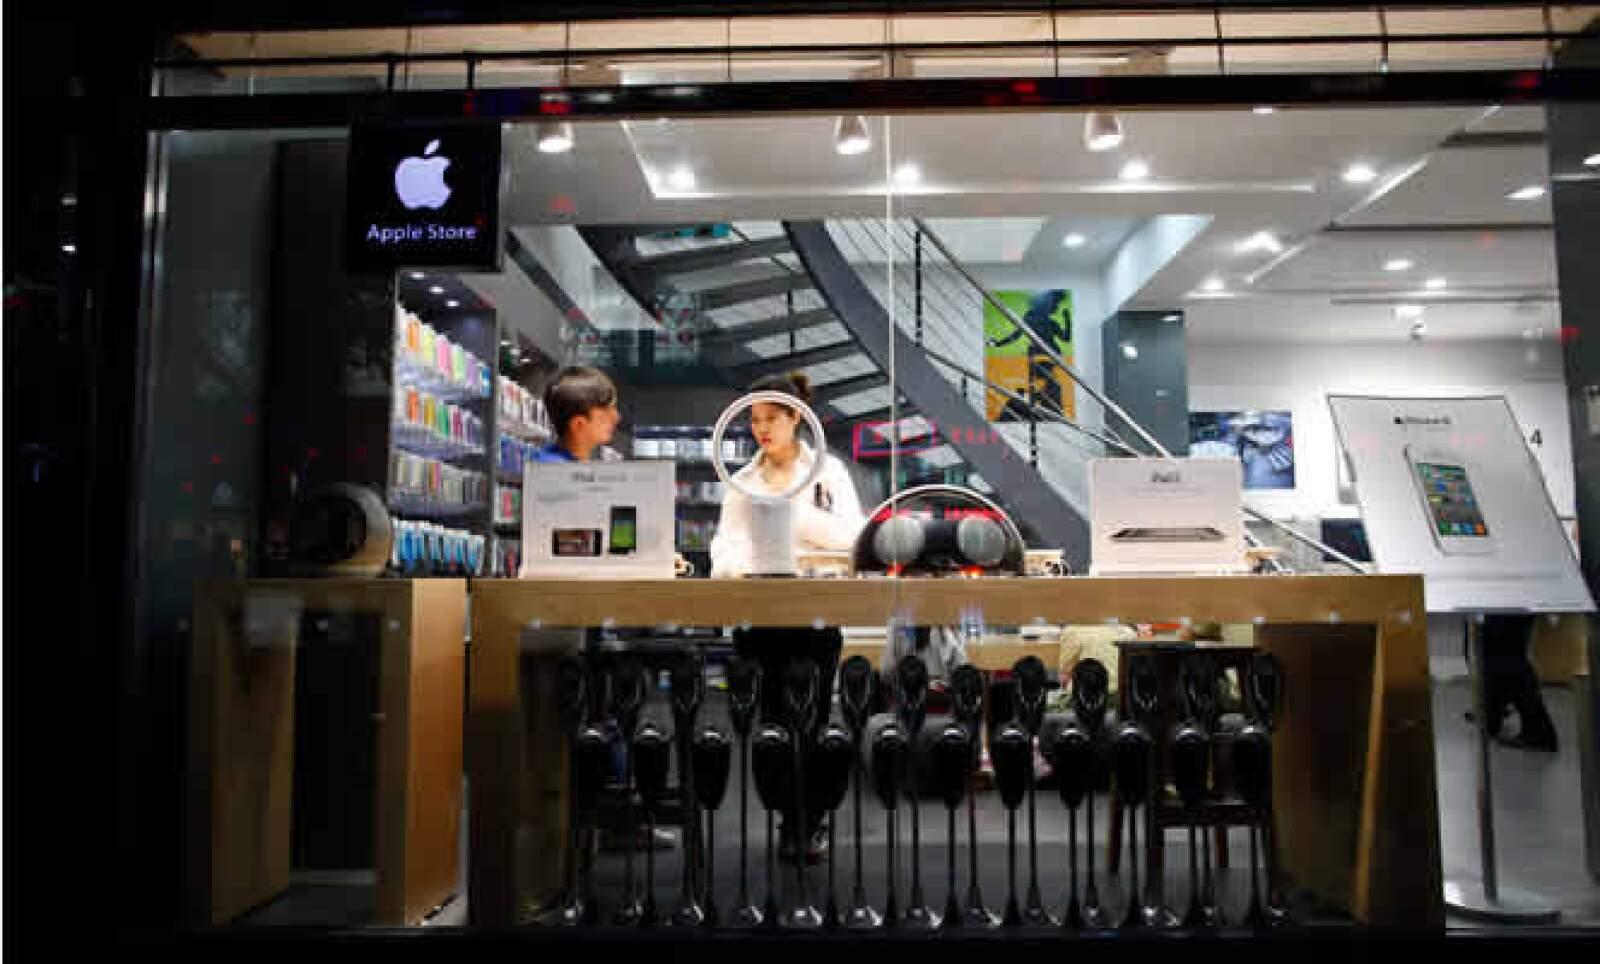 Las autoridades estudian si la firma de la manzana solicitó que sus diseños en tiendas quedarán protegidos.